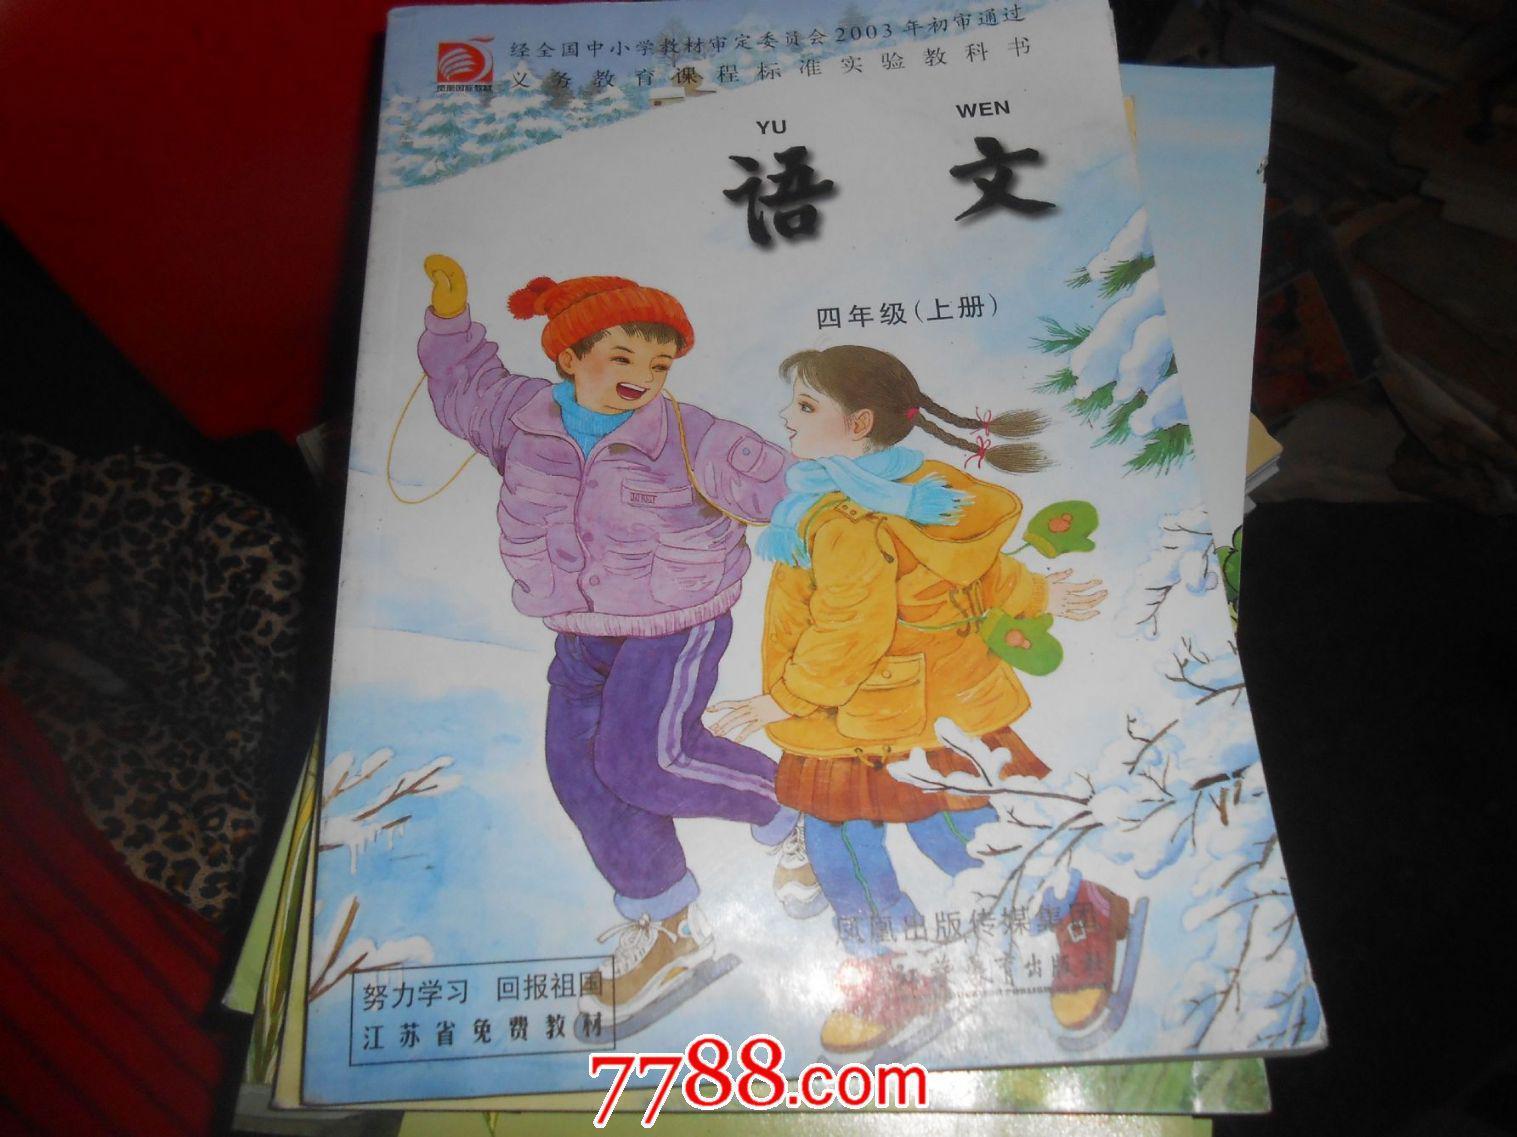 小学语文 课本 教材 教科书 江苏教育出版社小学四年级上册语文书图片